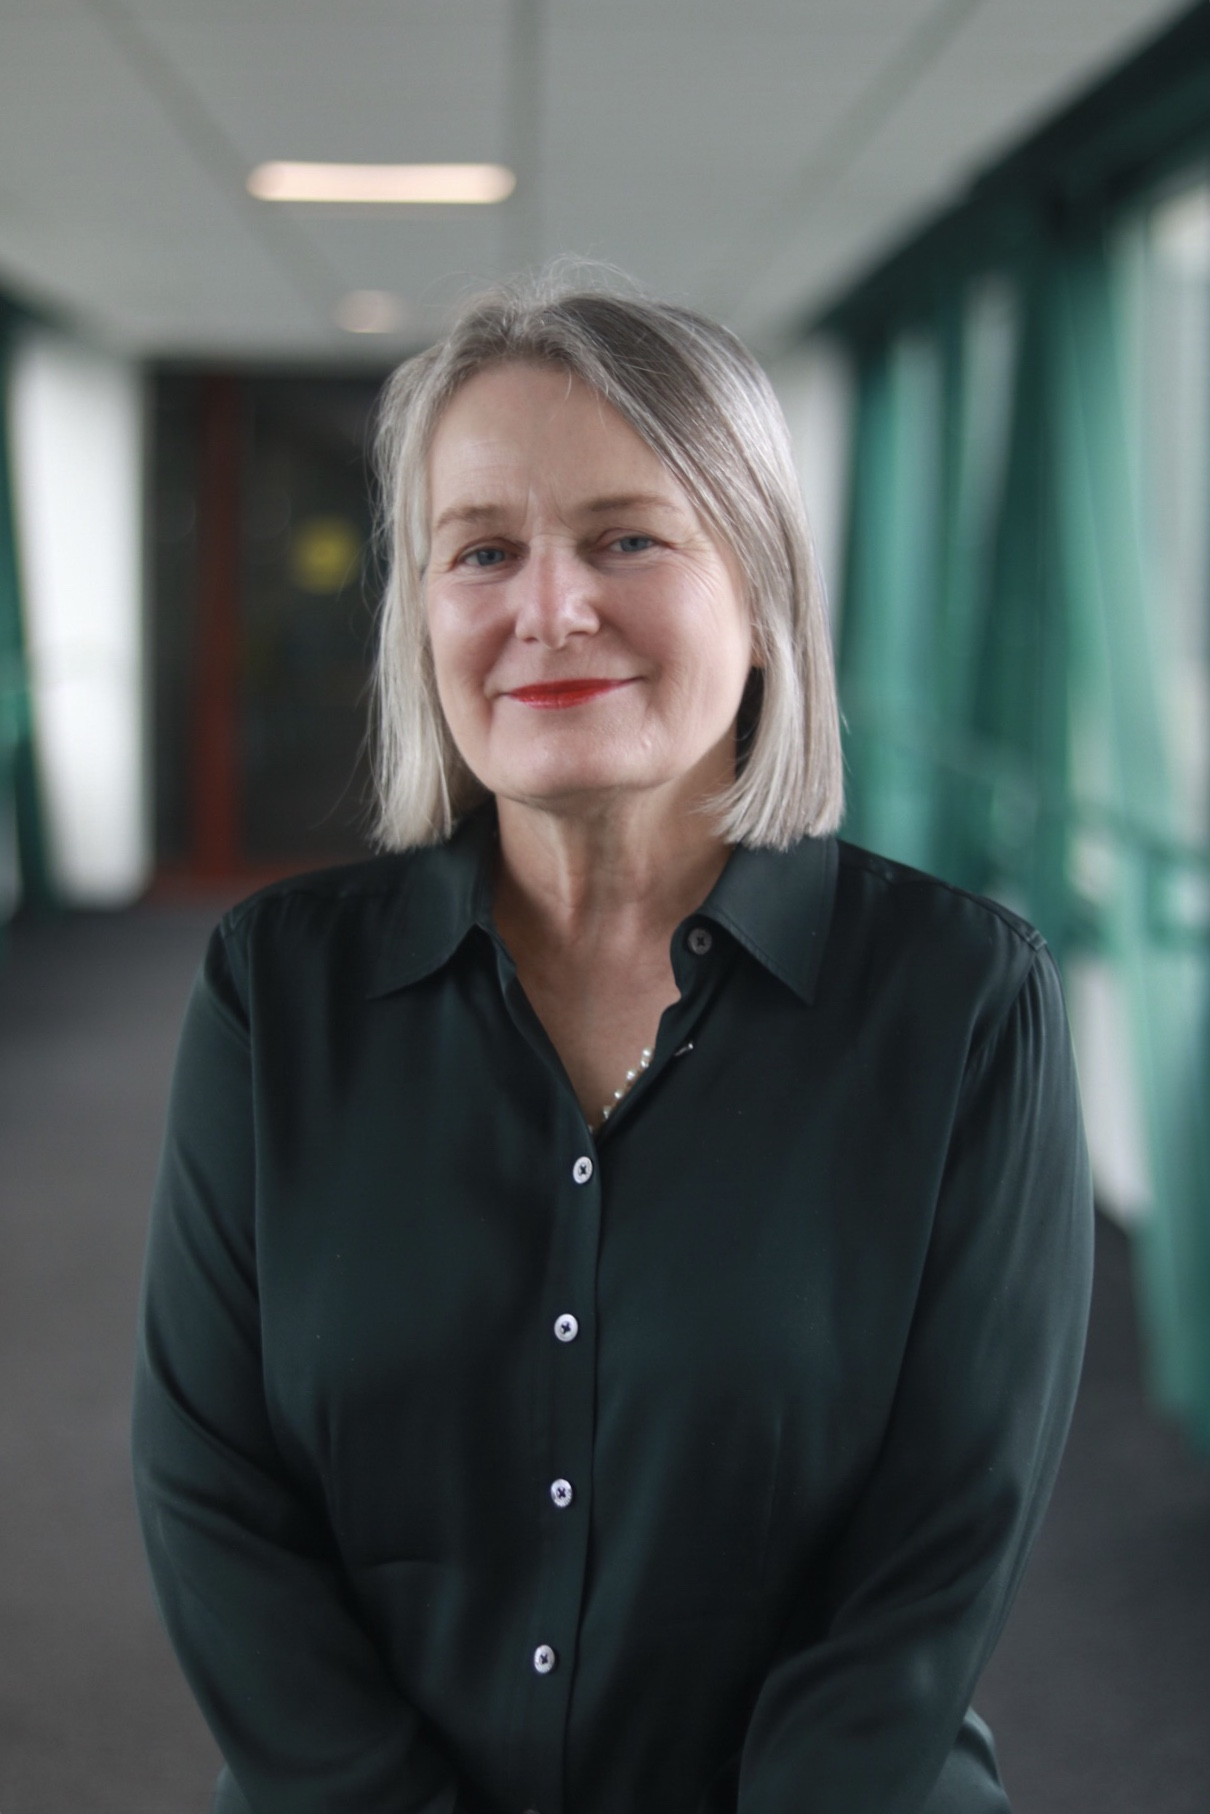 Nancy Donovan